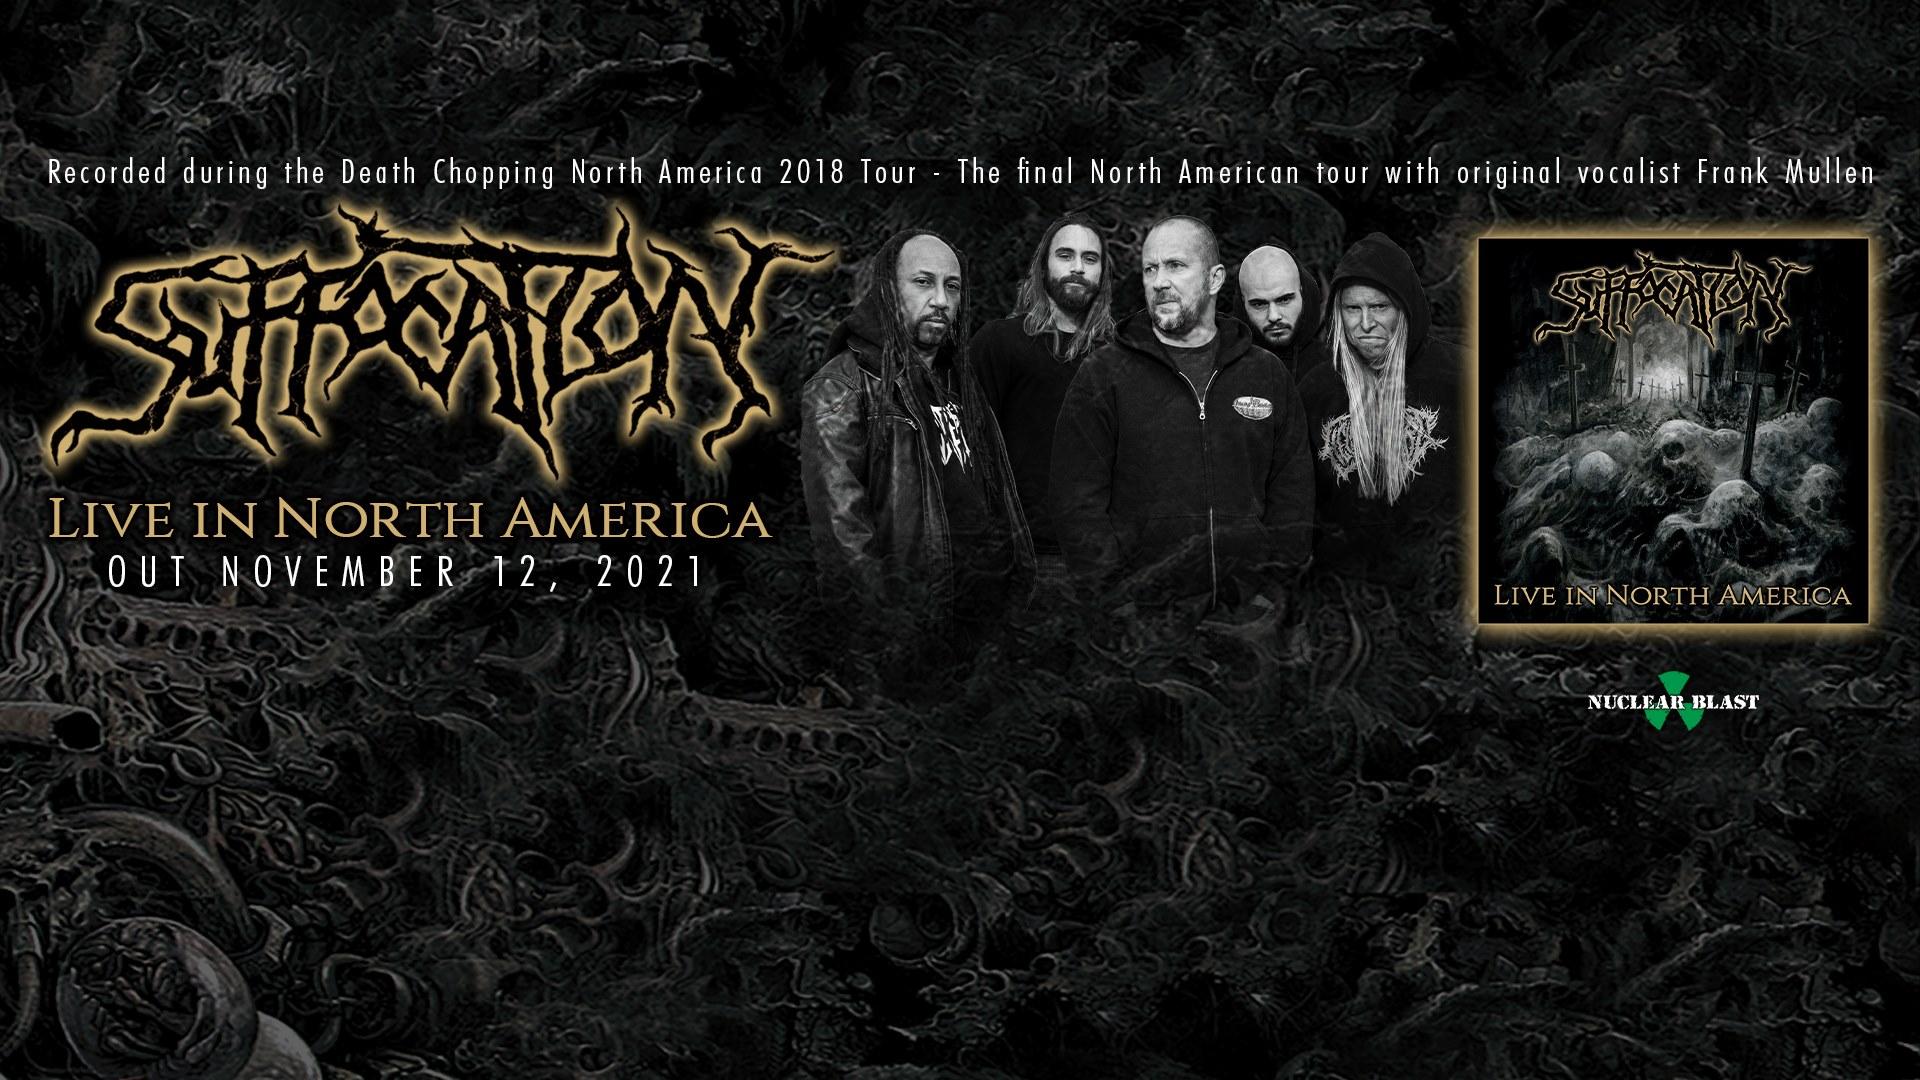 Νέο ζωντανά ηχογραφημένο άλμπουμ από τους SUFFOCATION.